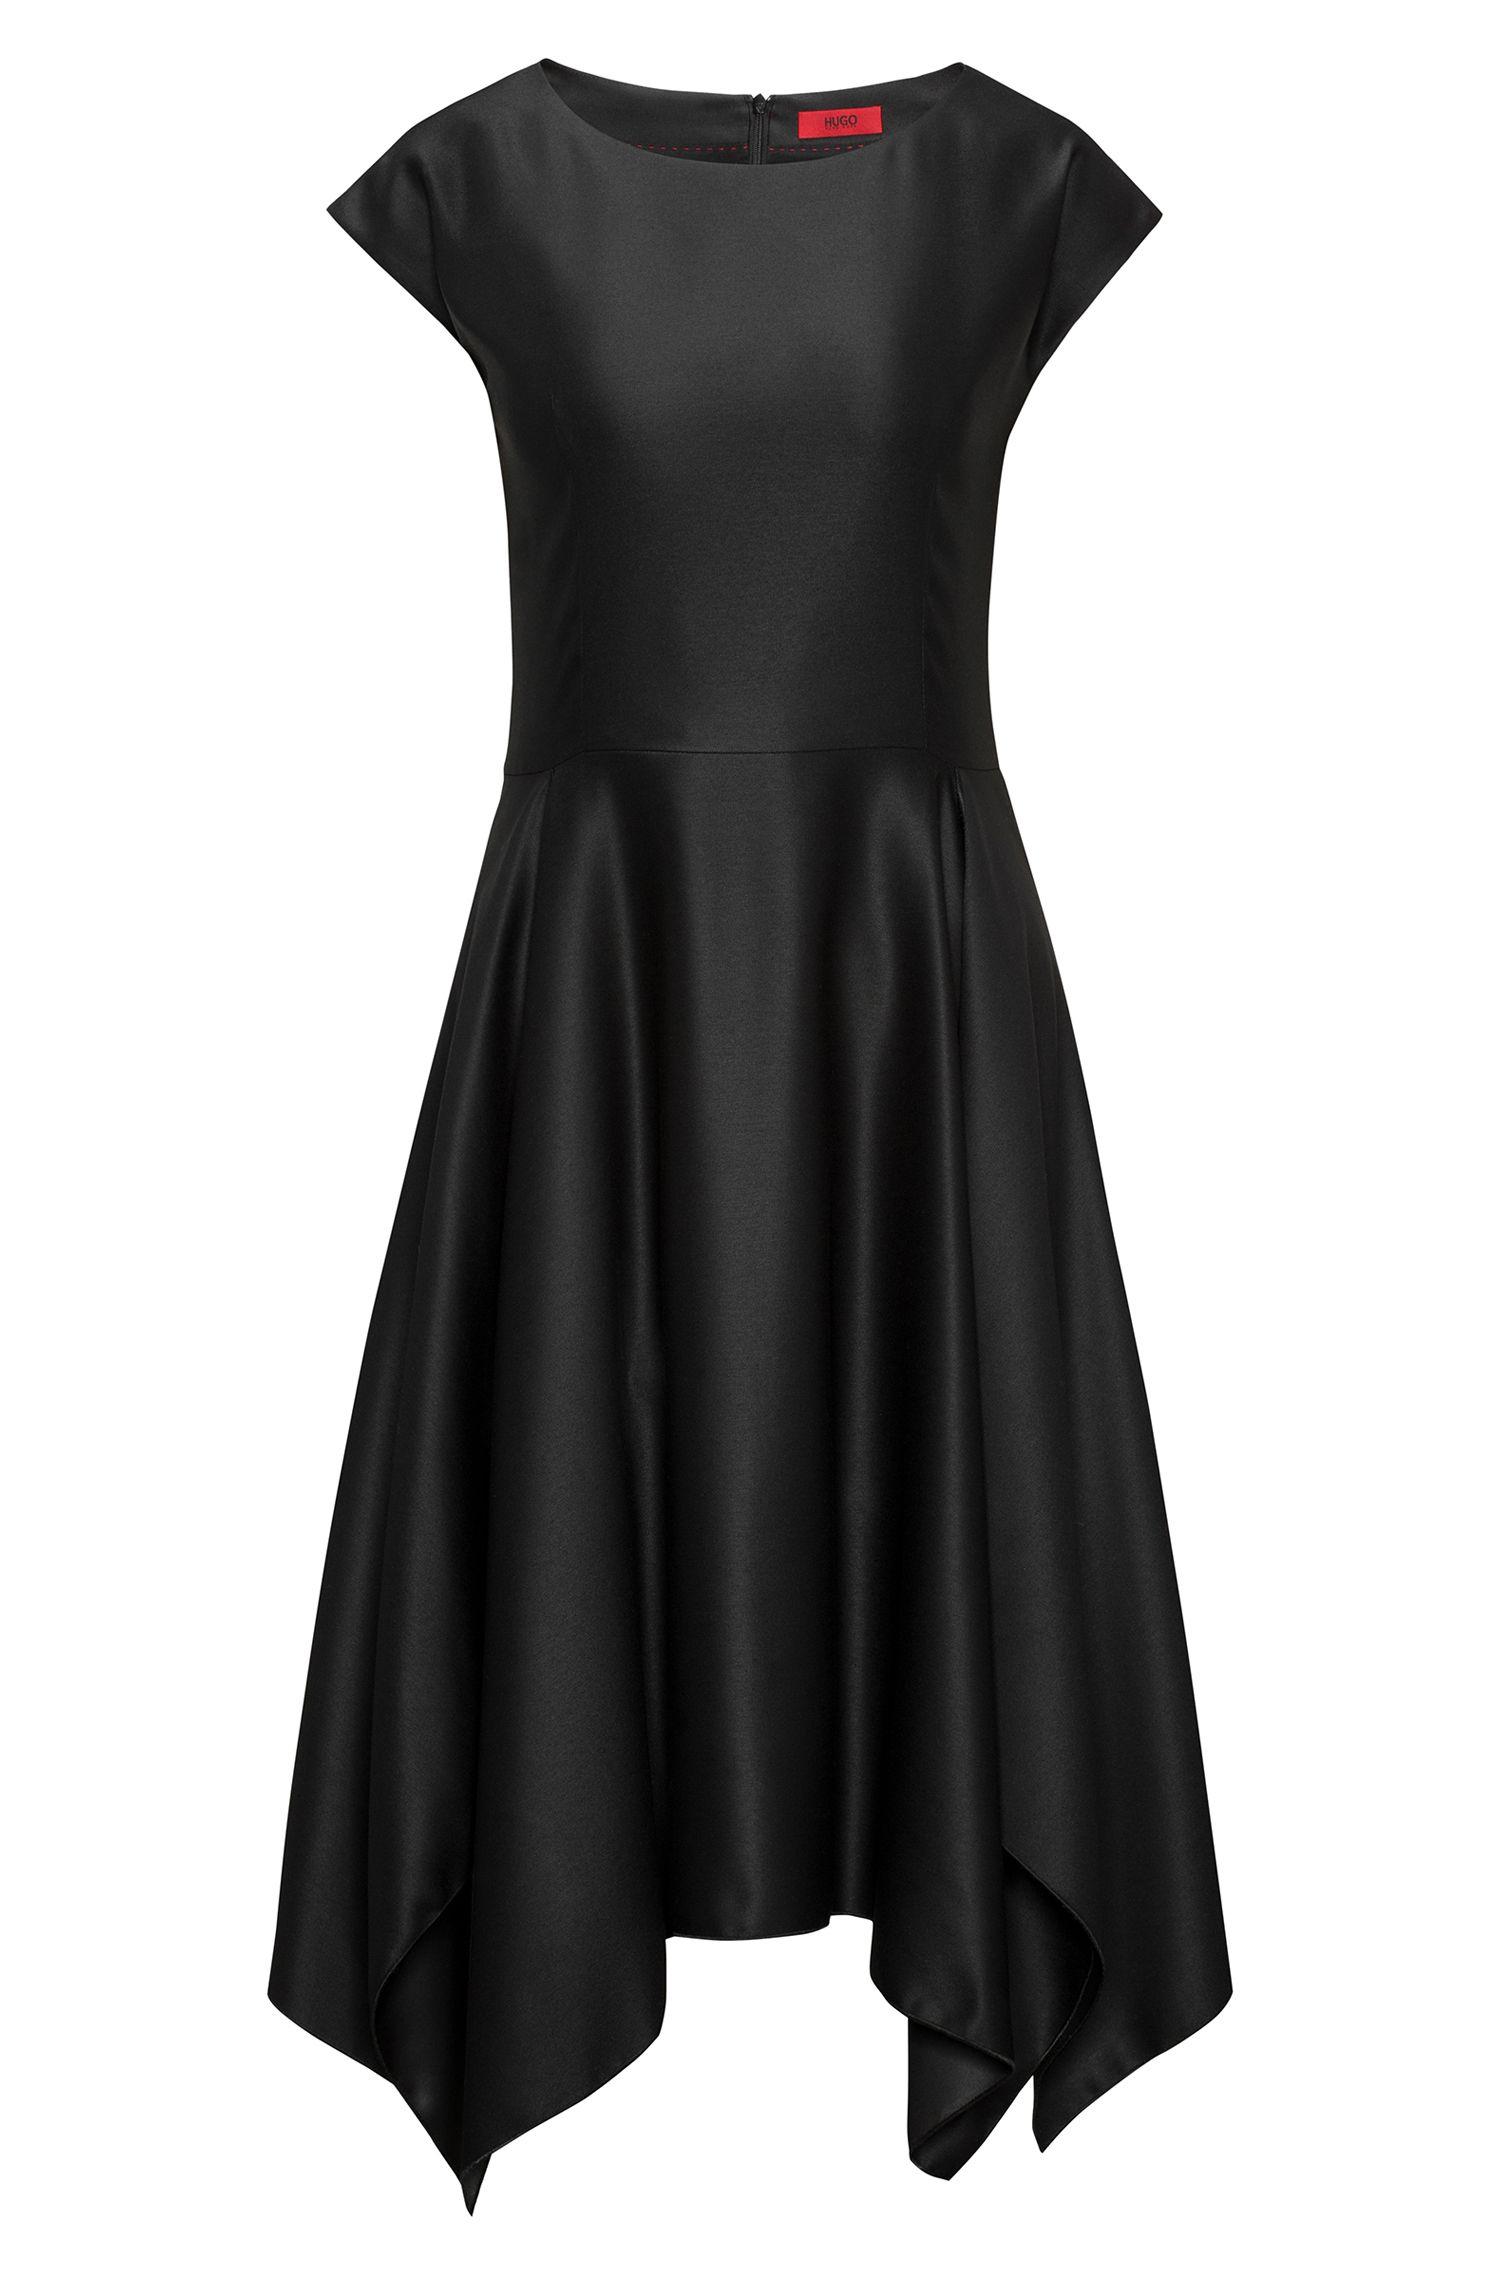 Kurzarm-Kleid mit weitem Rock und Zipfelsaum